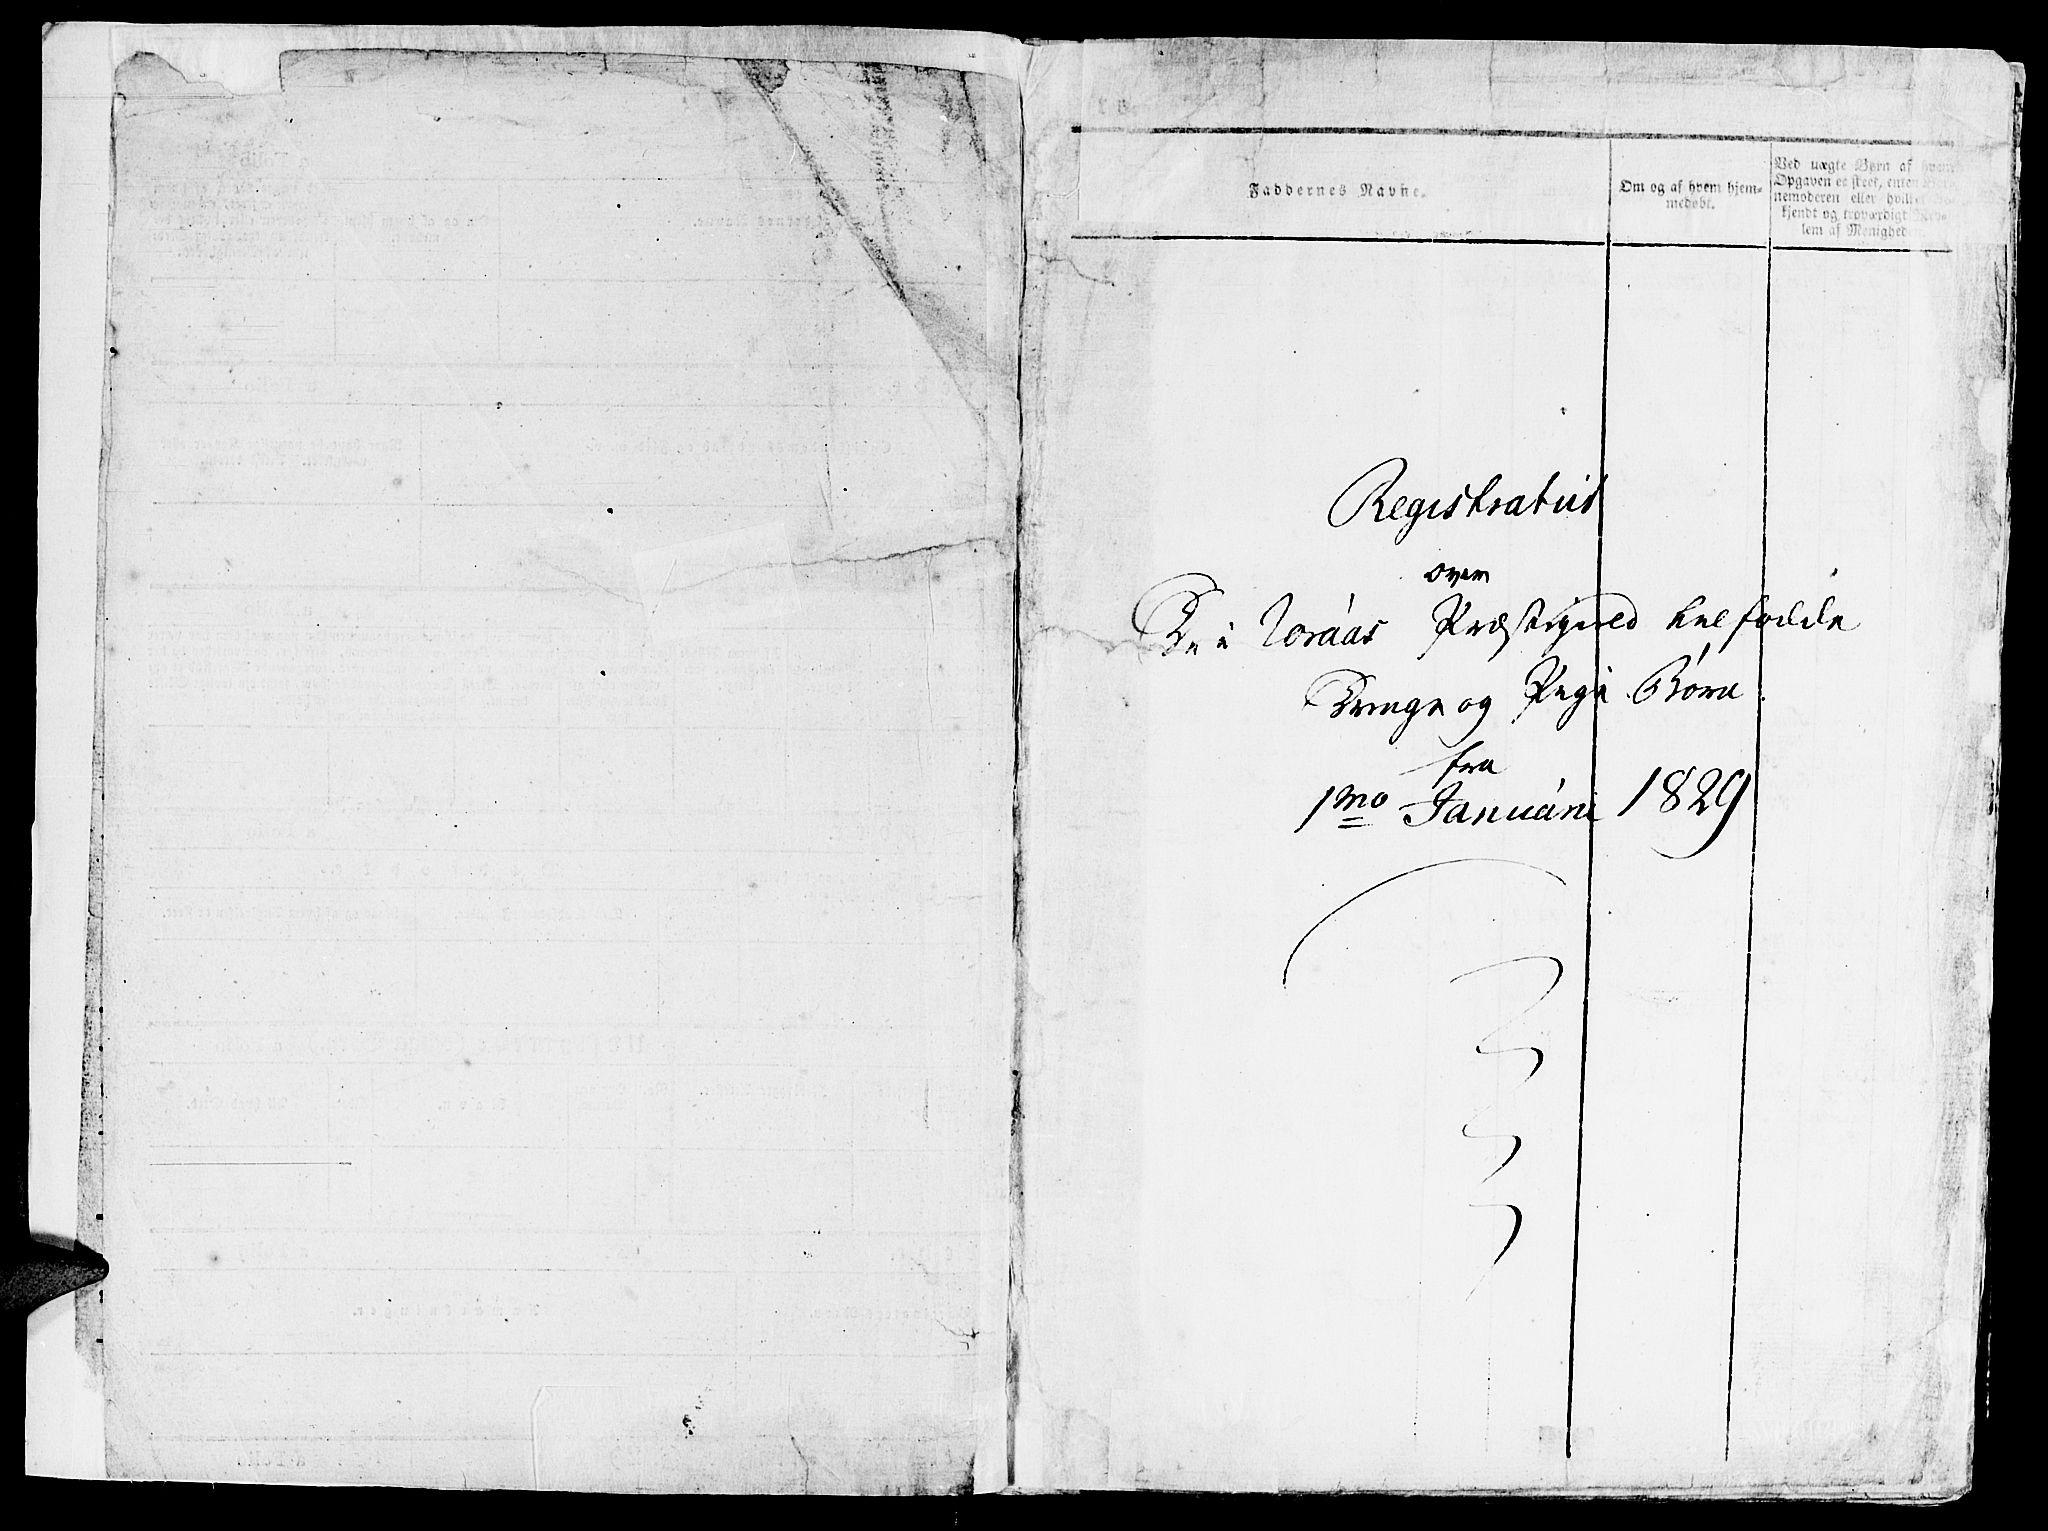 SAT, Ministerialprotokoller, klokkerbøker og fødselsregistre - Sør-Trøndelag, 681/L0938: Klokkerbok nr. 681C02, 1829-1879